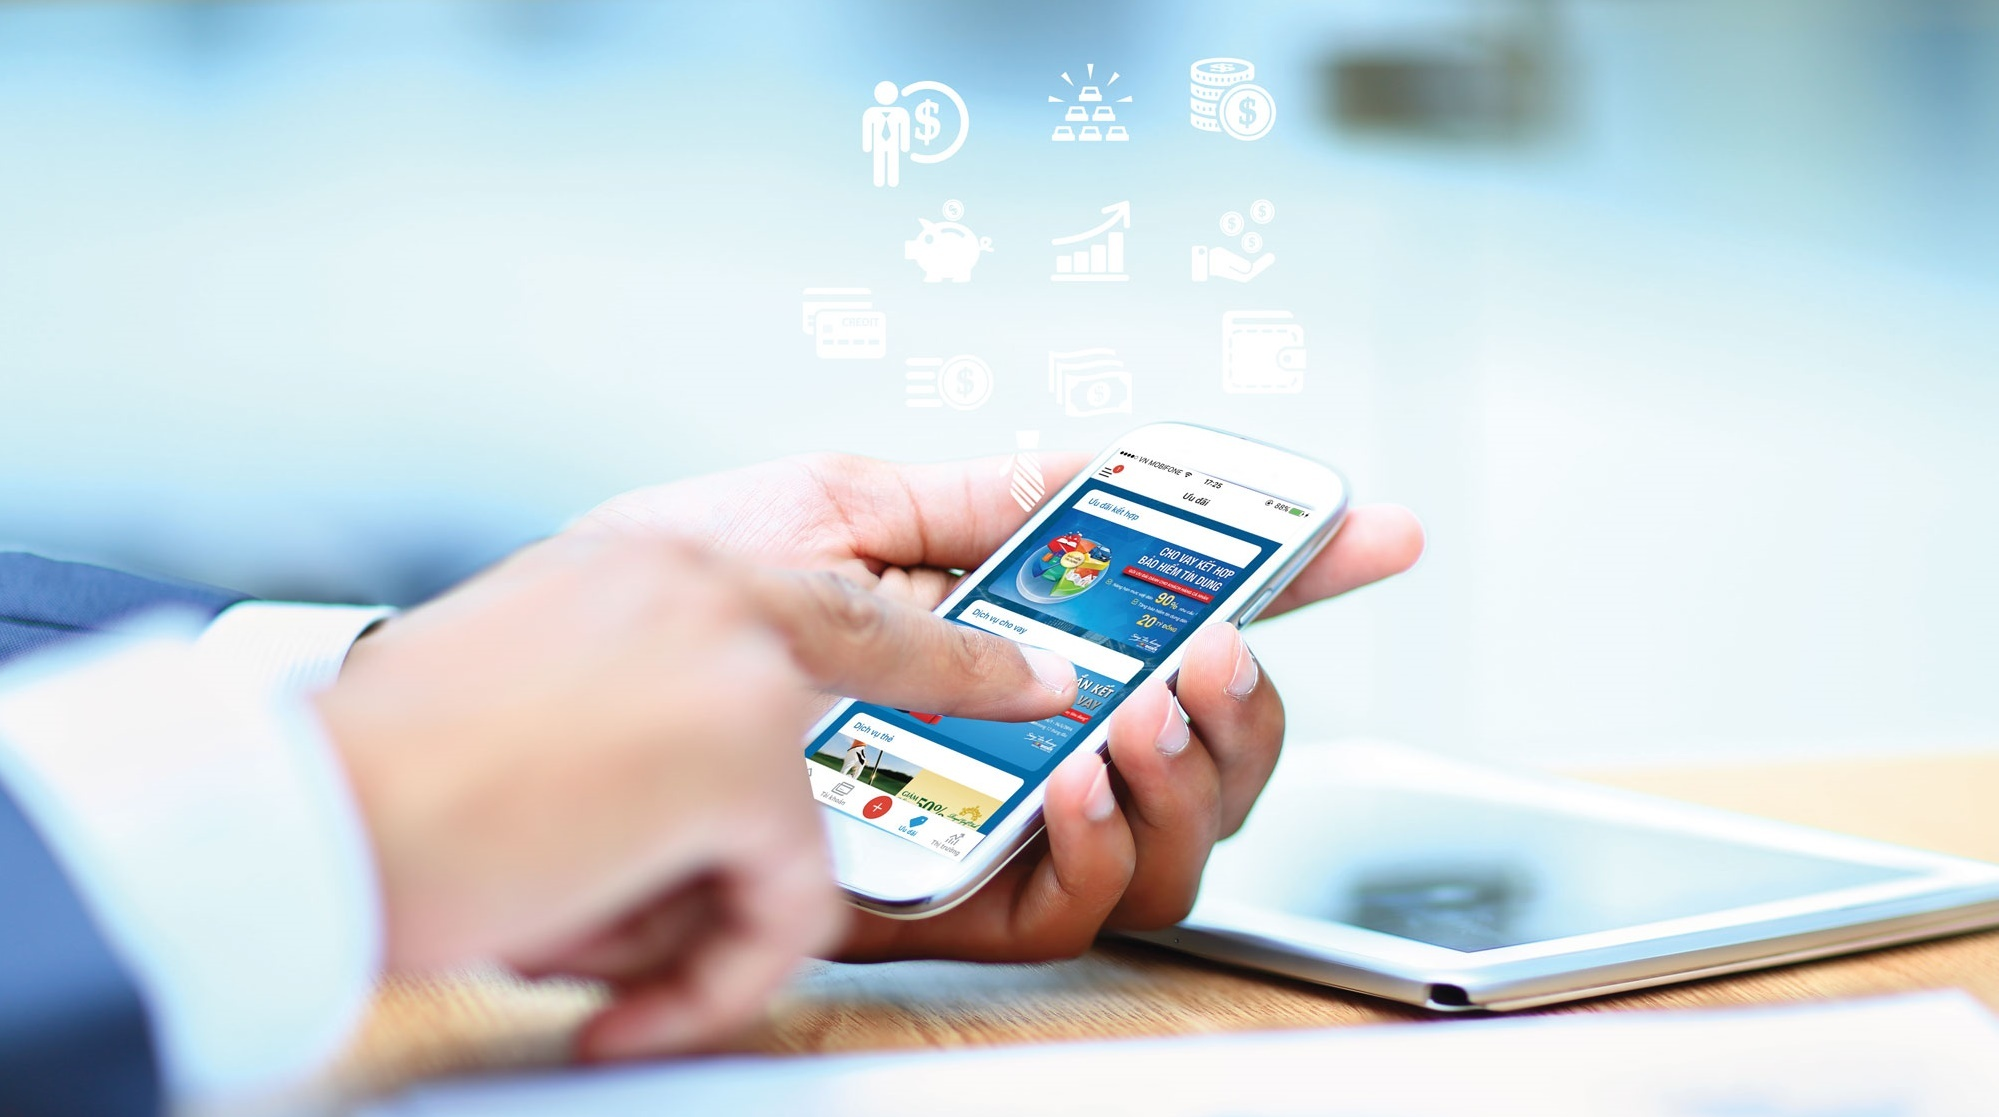 [eMagazine] Ngân hàng số: Từ nhu cầu đổi mới đến cách mạng công nghệ - Kỳ II